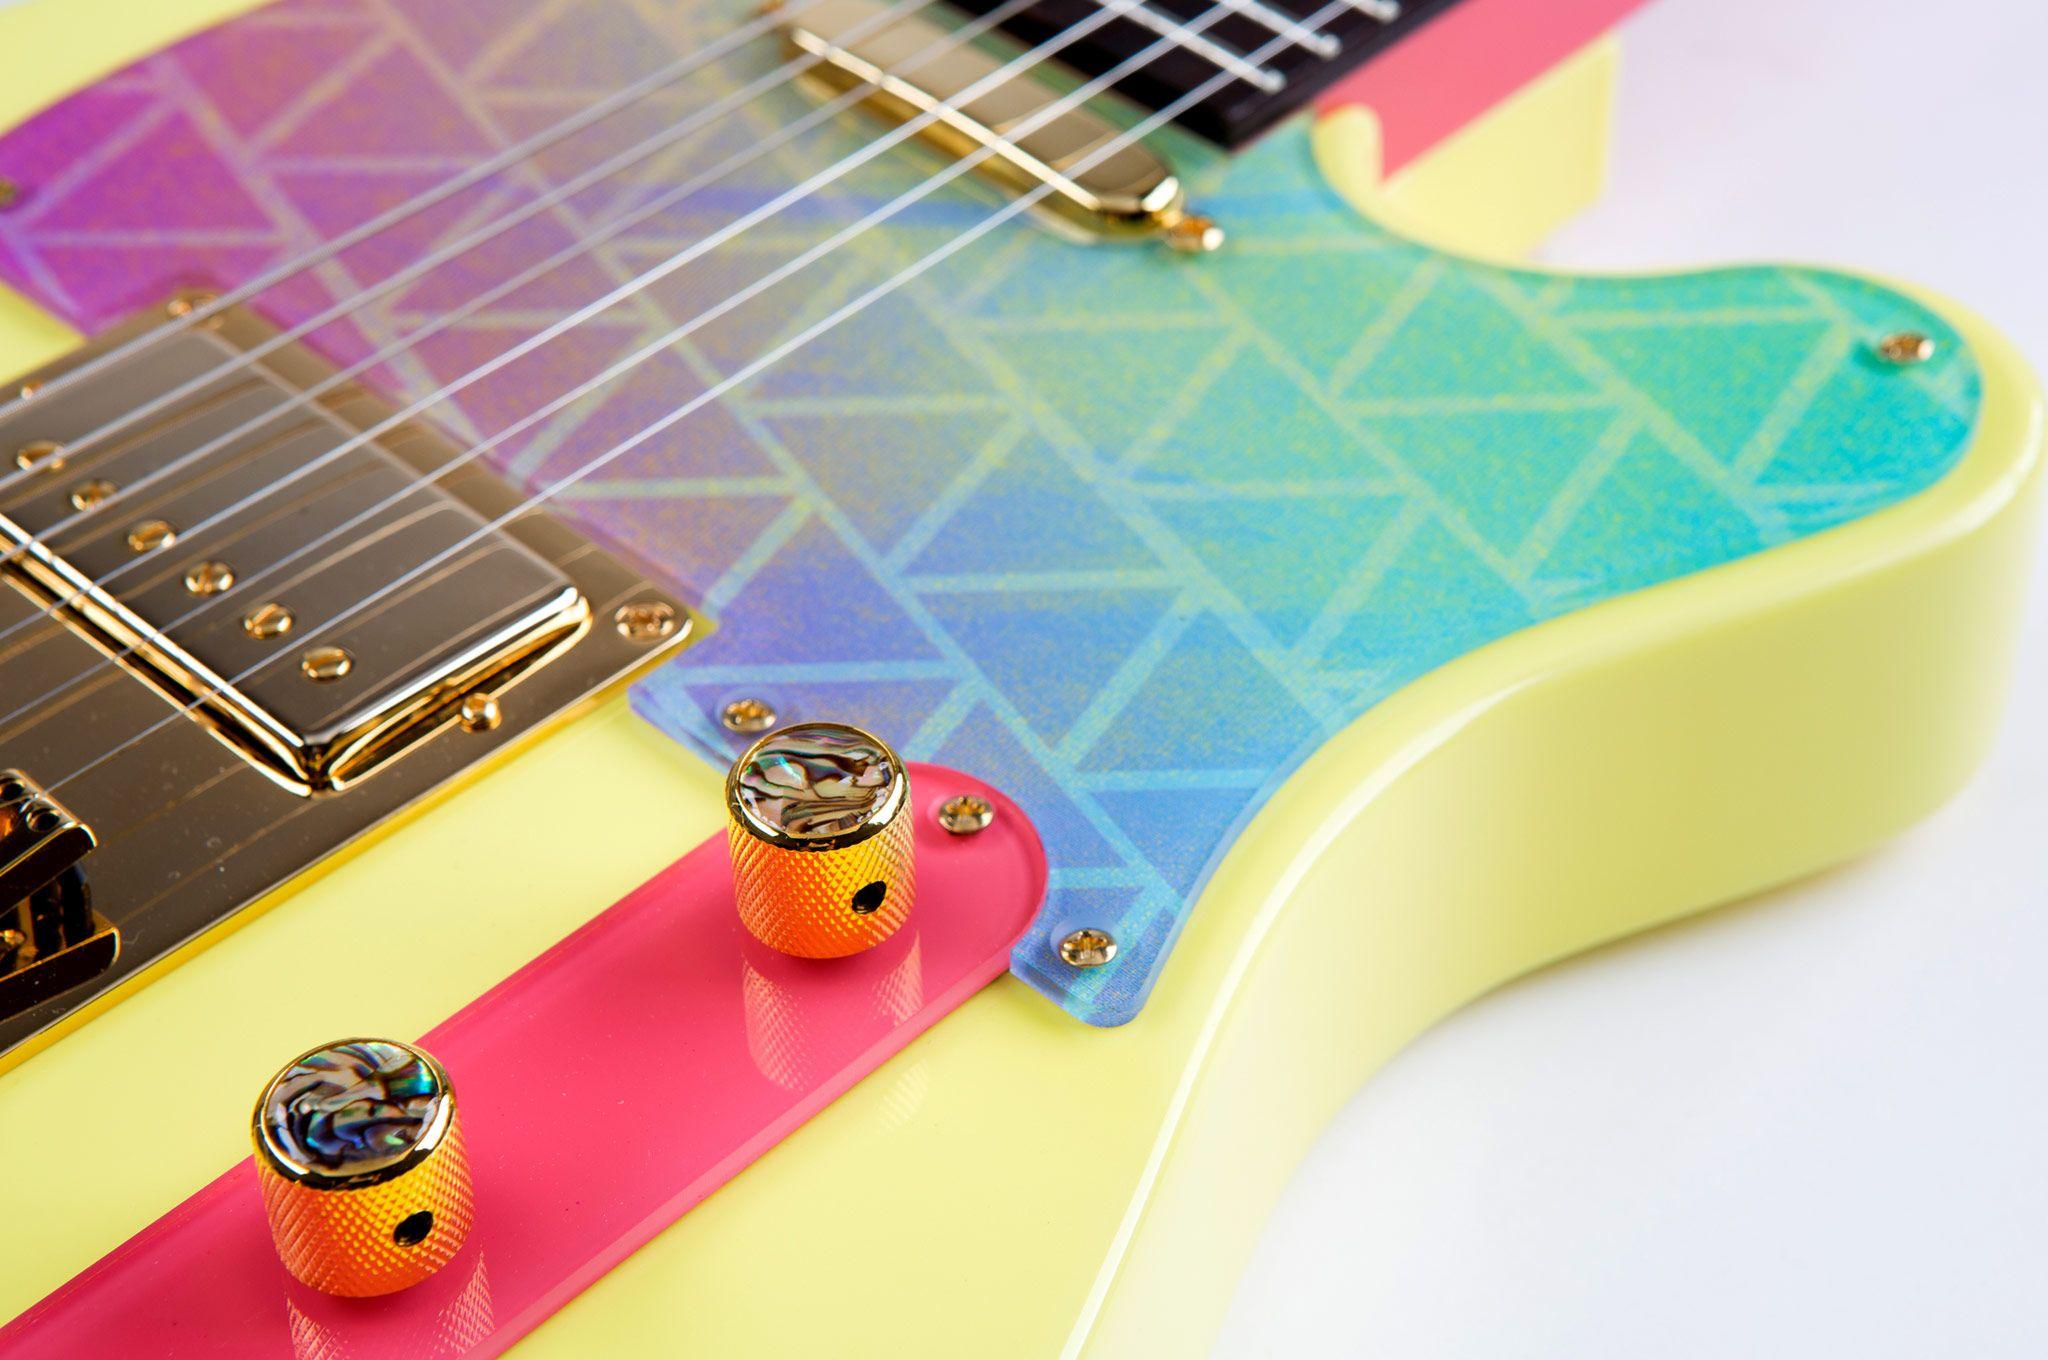 design your custom electric guitar online at moniker guitars. Black Bedroom Furniture Sets. Home Design Ideas